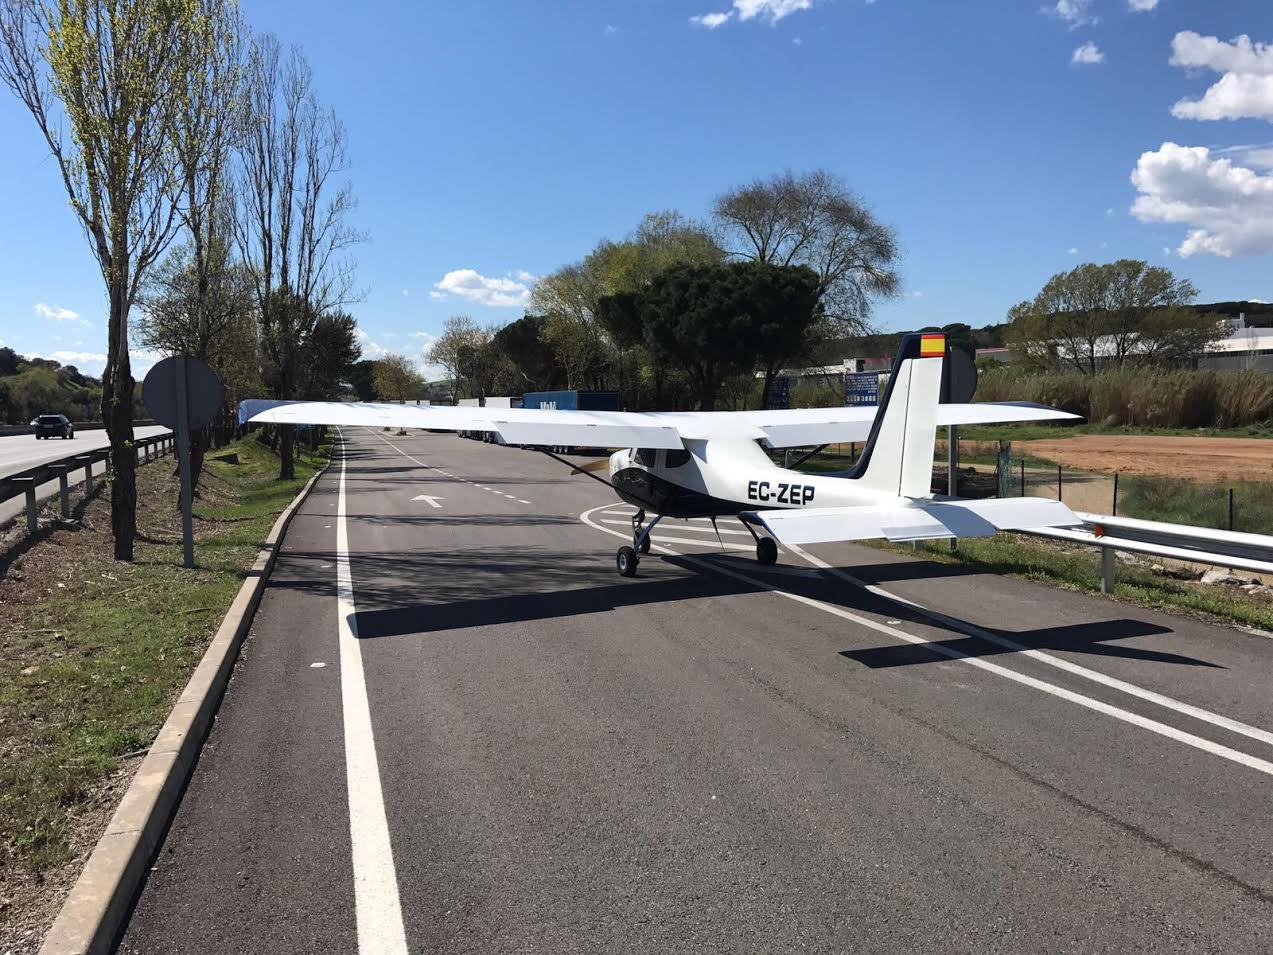 L'avioneta a l'àrea de descans després de l'aterratge